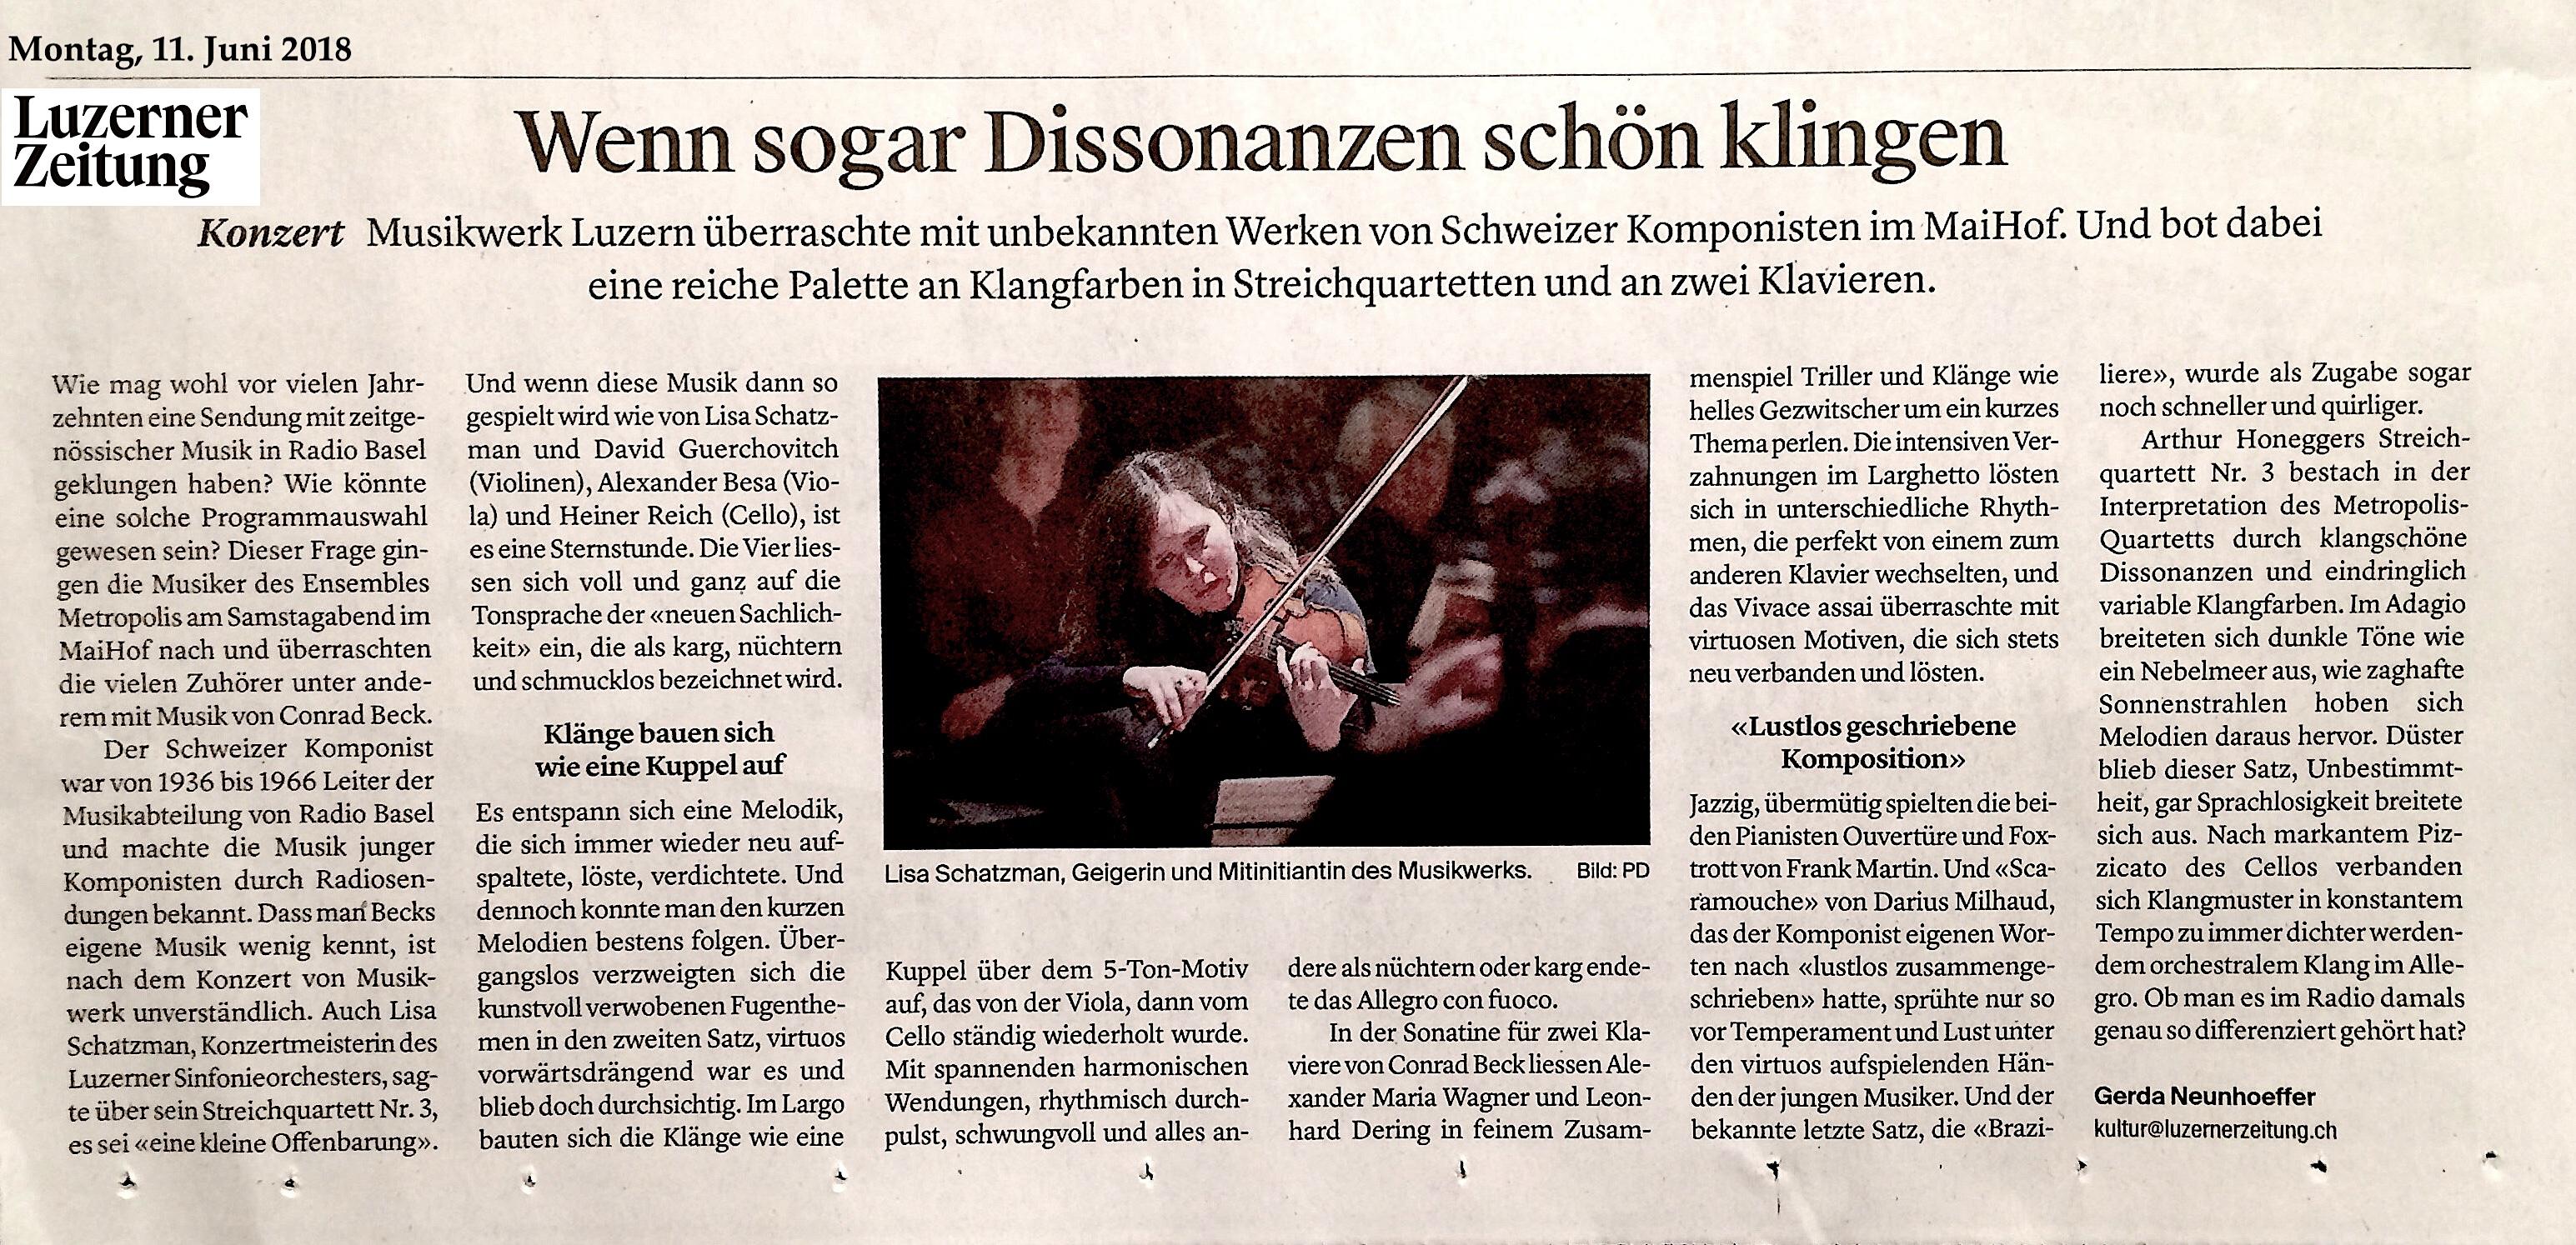 Konzertkritik Luzerner Zeitung 11.6.18 - Klavierduo Dering-Wagner